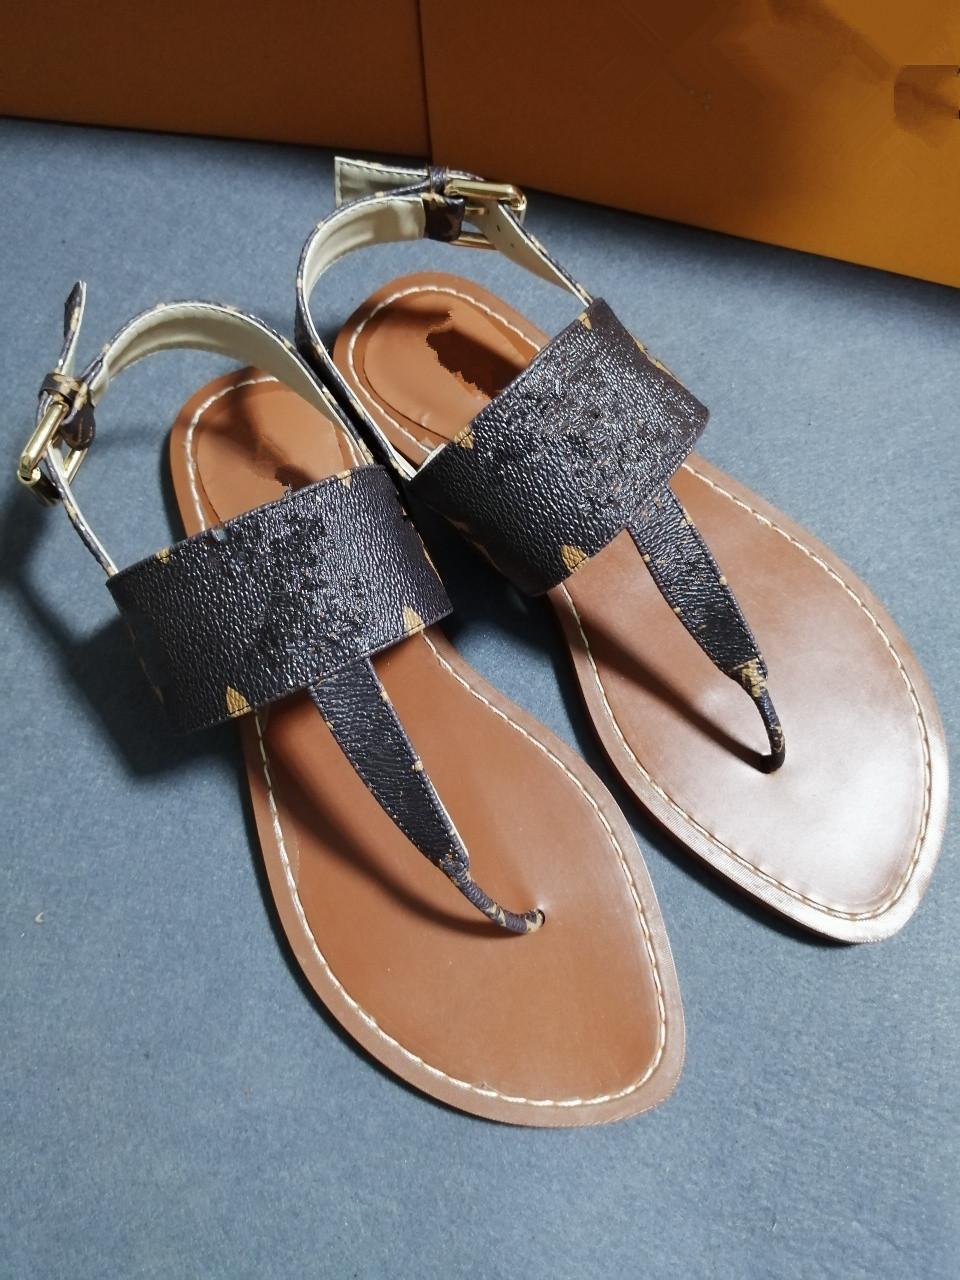 gucci Designer de sandálias de chinelos feminino cria sandálias casuais de alta qualidade praia disponíveis em uma variedade de cores 9465